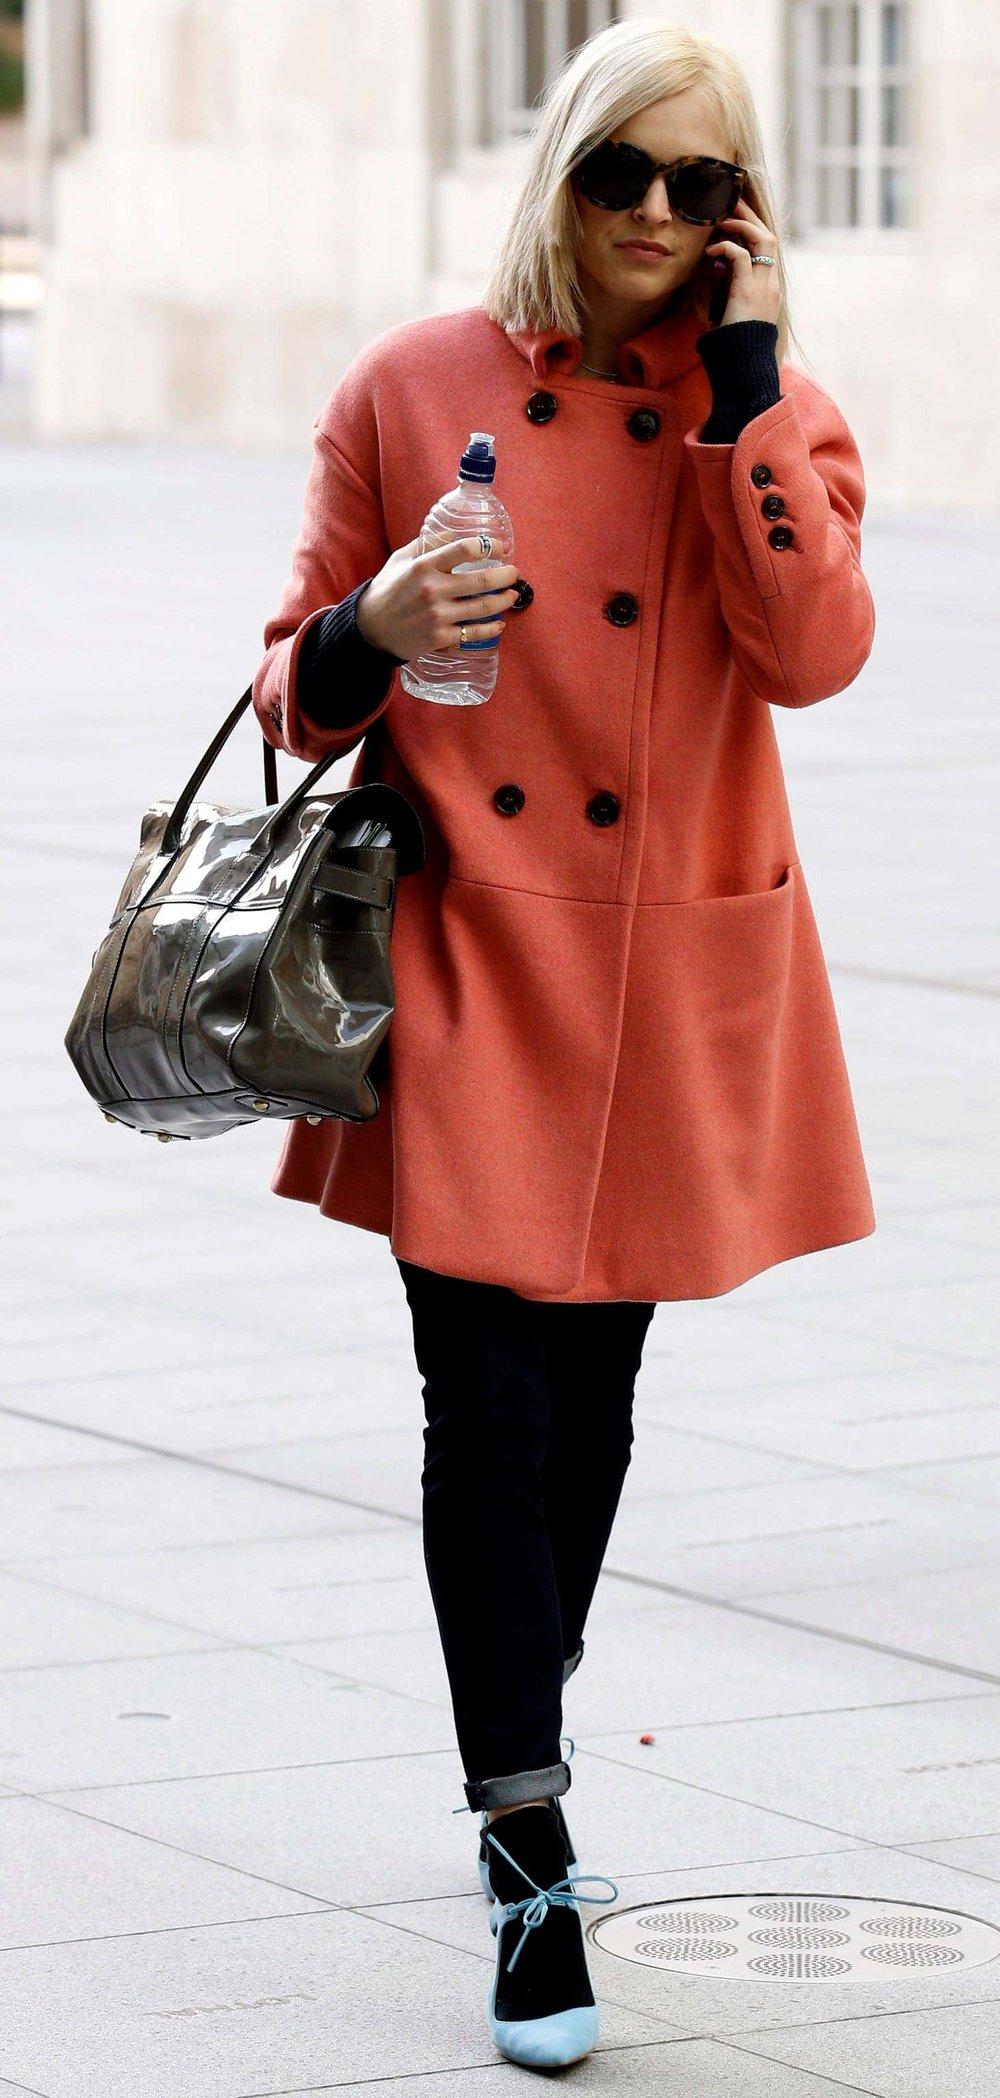 black-skinny-jeans-black-sweater-fearnecotton-wear-outfit-fashion-fall-winter-blue-shoe-pumps-orange-jacket-coat-socks-brown-bag-sun-blonde-work.jpg